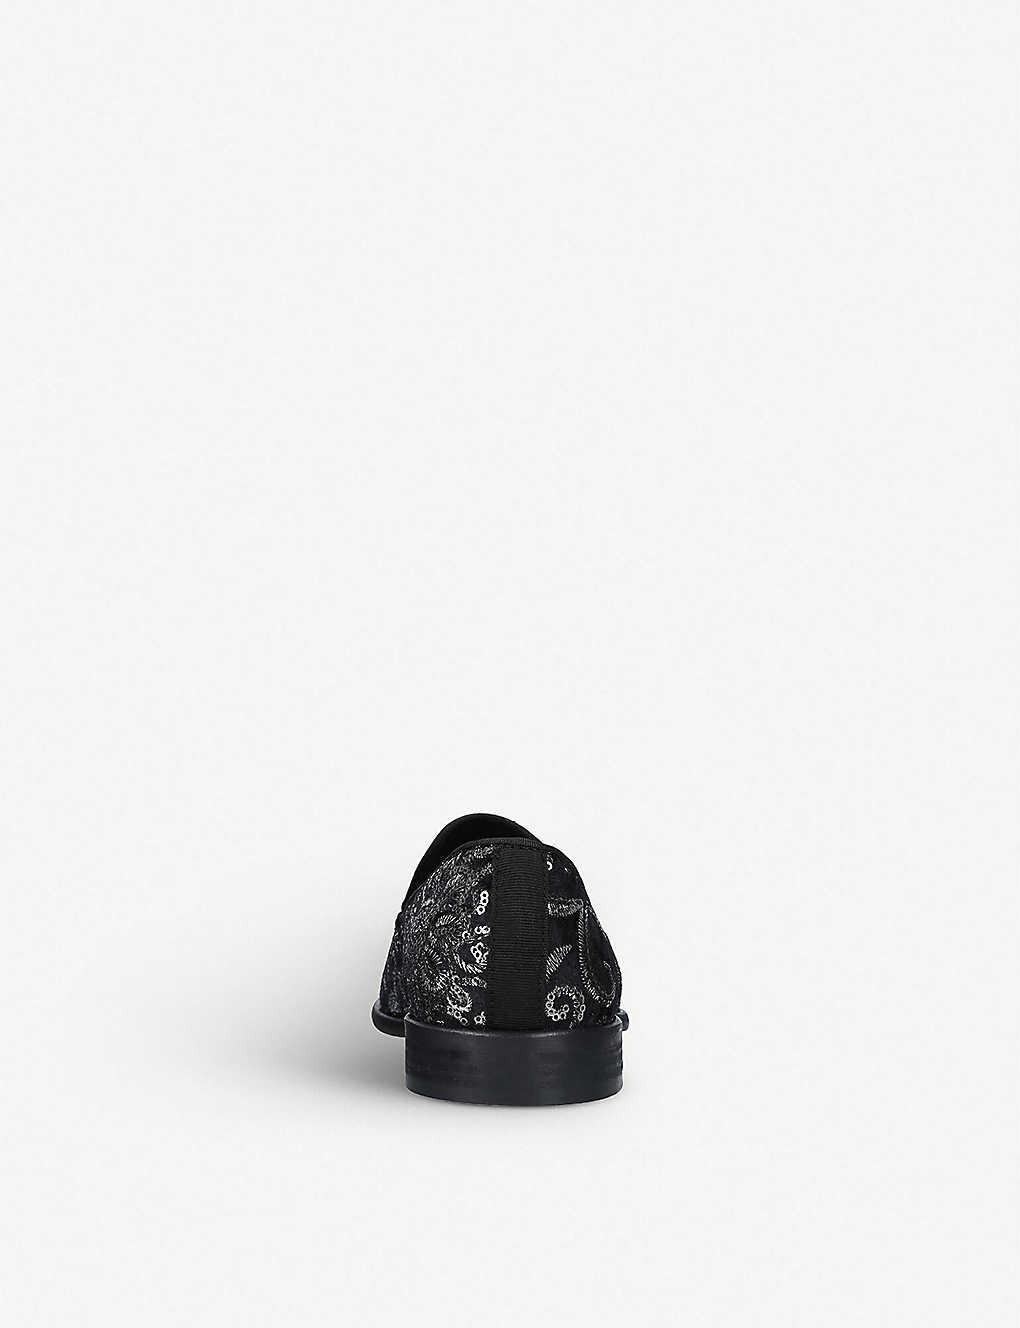 67c4a7fc6 KURT GEIGER LONDON - Albert sequin-embellished velvet loafers ...